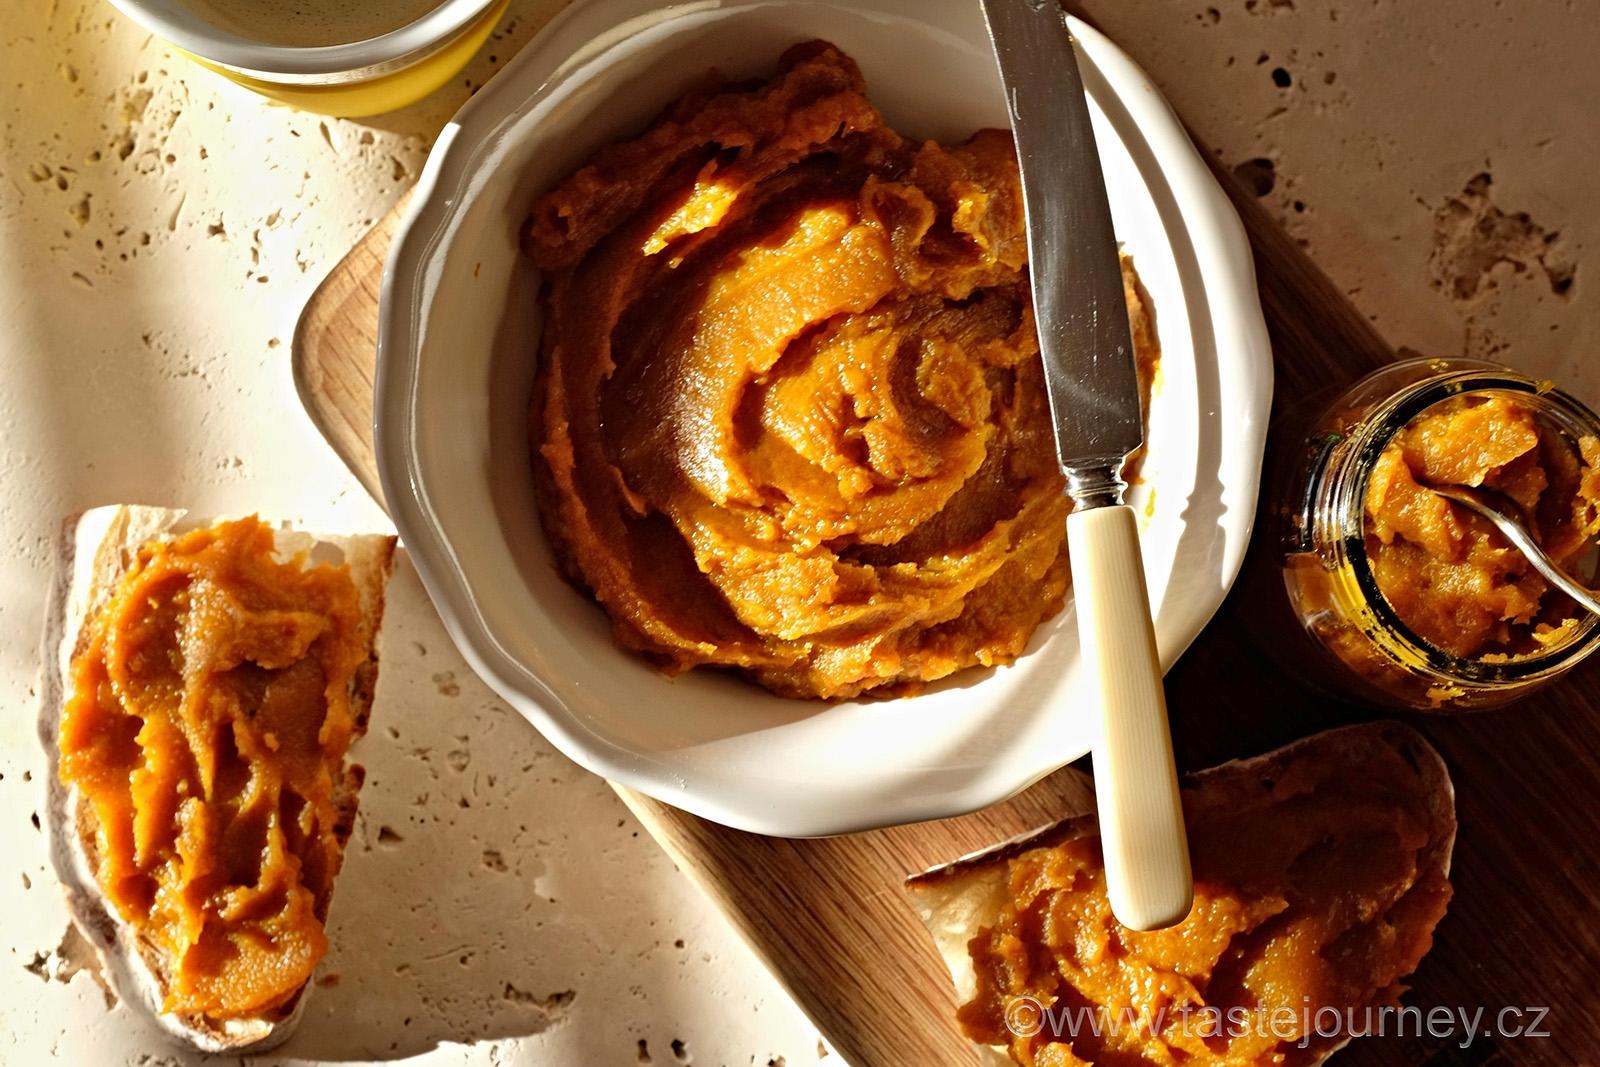 Podzimní zdravá pochoutka - dýňové máslo